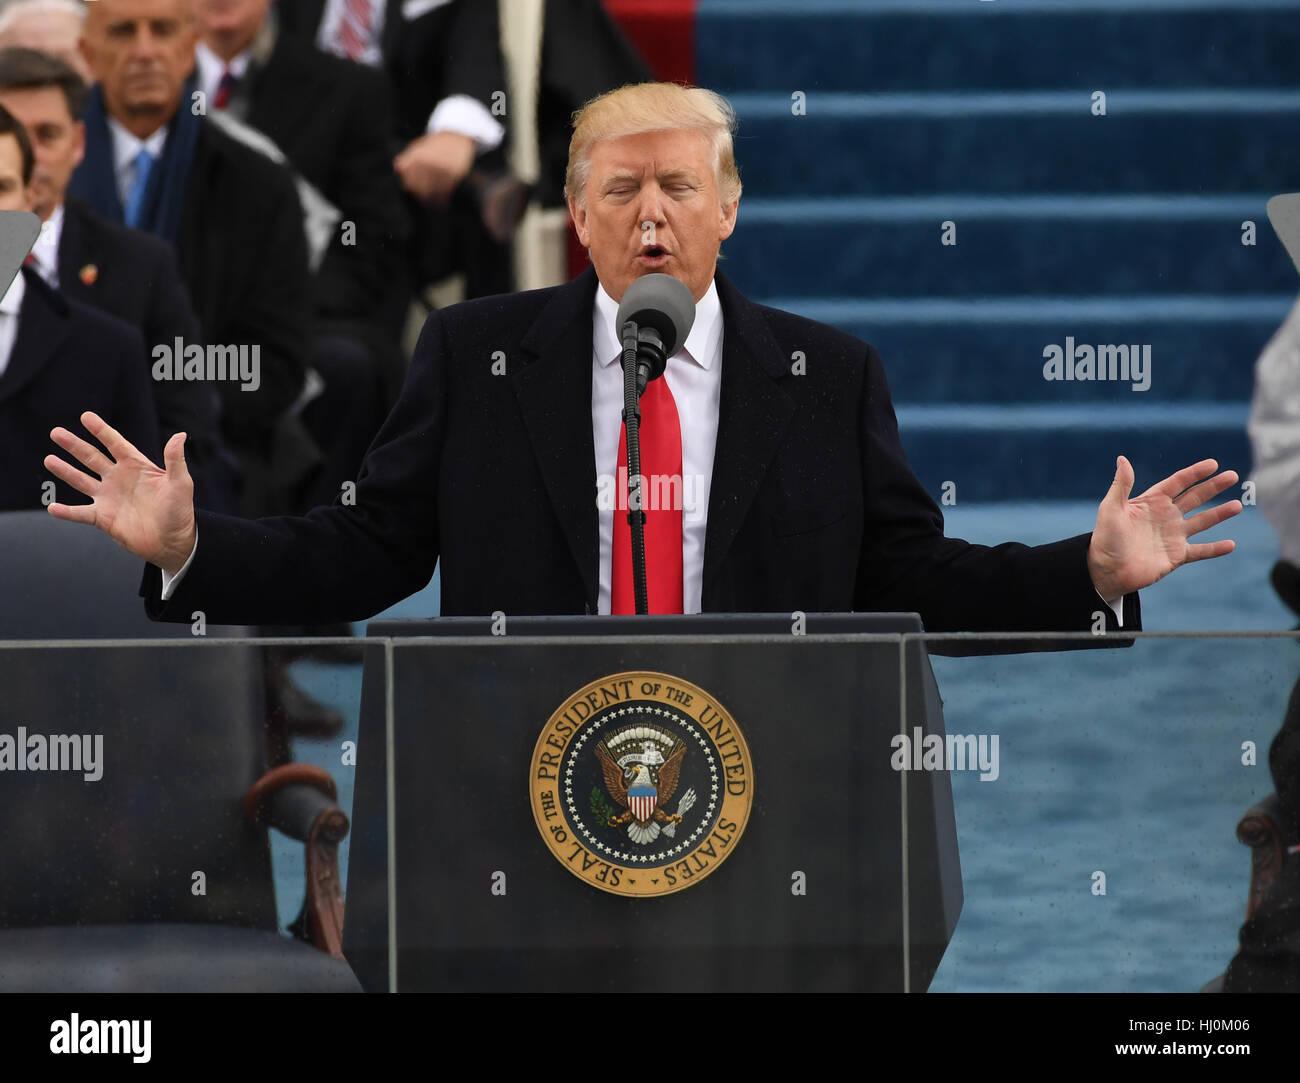 Presidente Donald Trump, pronuncia su discurso inaugural en la inauguración el 20 de enero de 2017 en Washington, Imagen De Stock